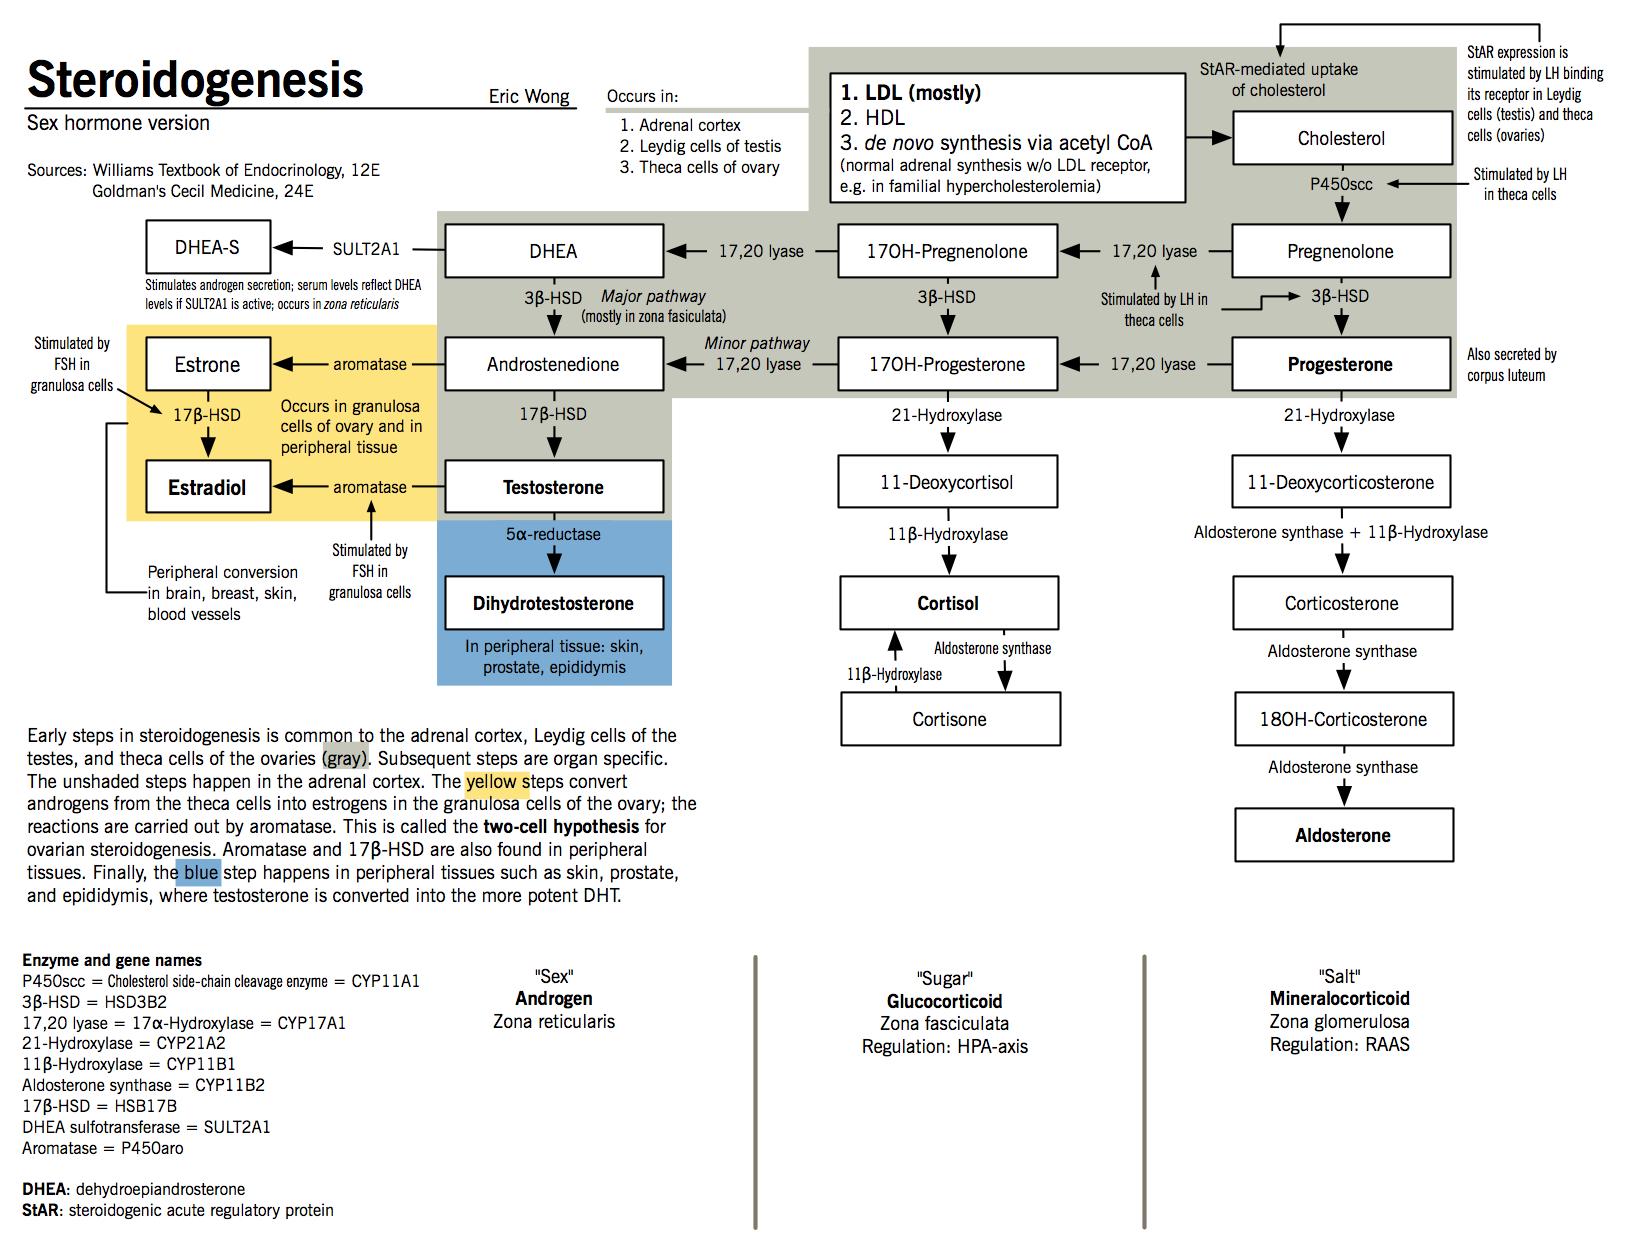 altered sex hormone metabolism symptoms in Bendigo